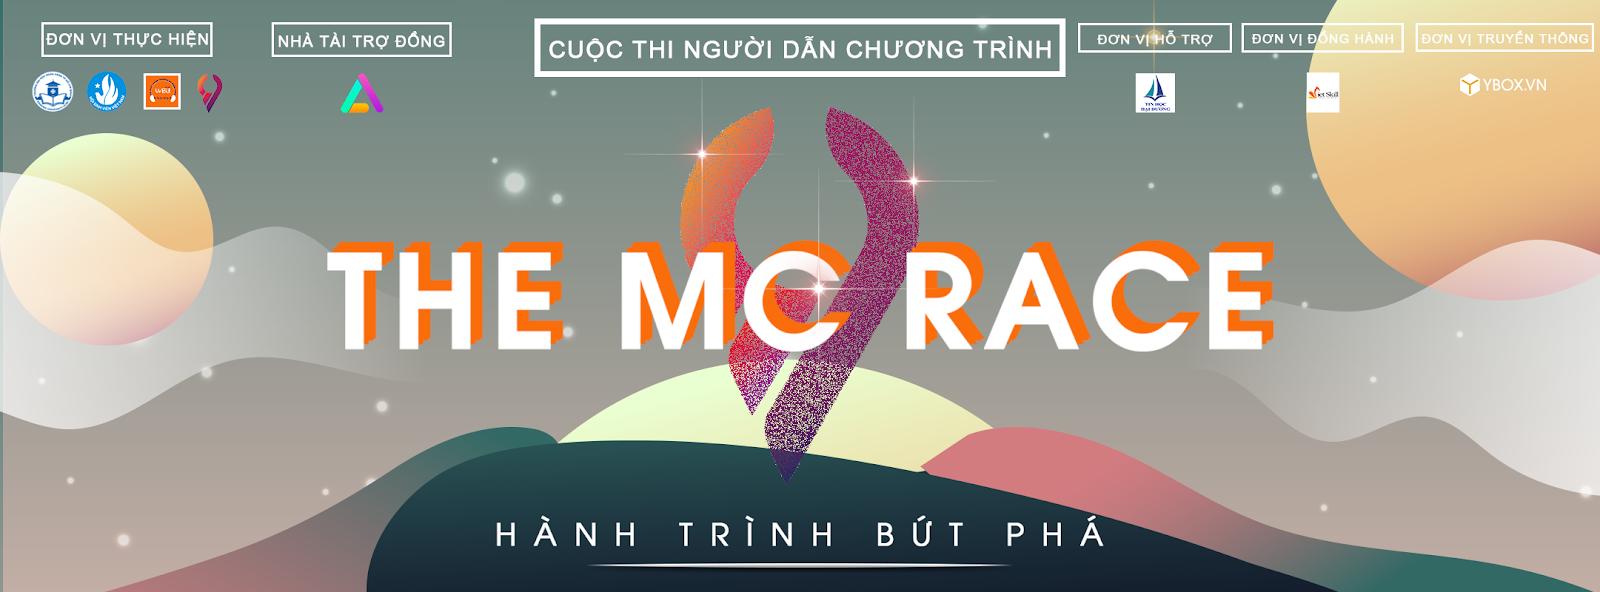 Cuộc thi MC THE MC RACE 2019 Đại học ngân hàng